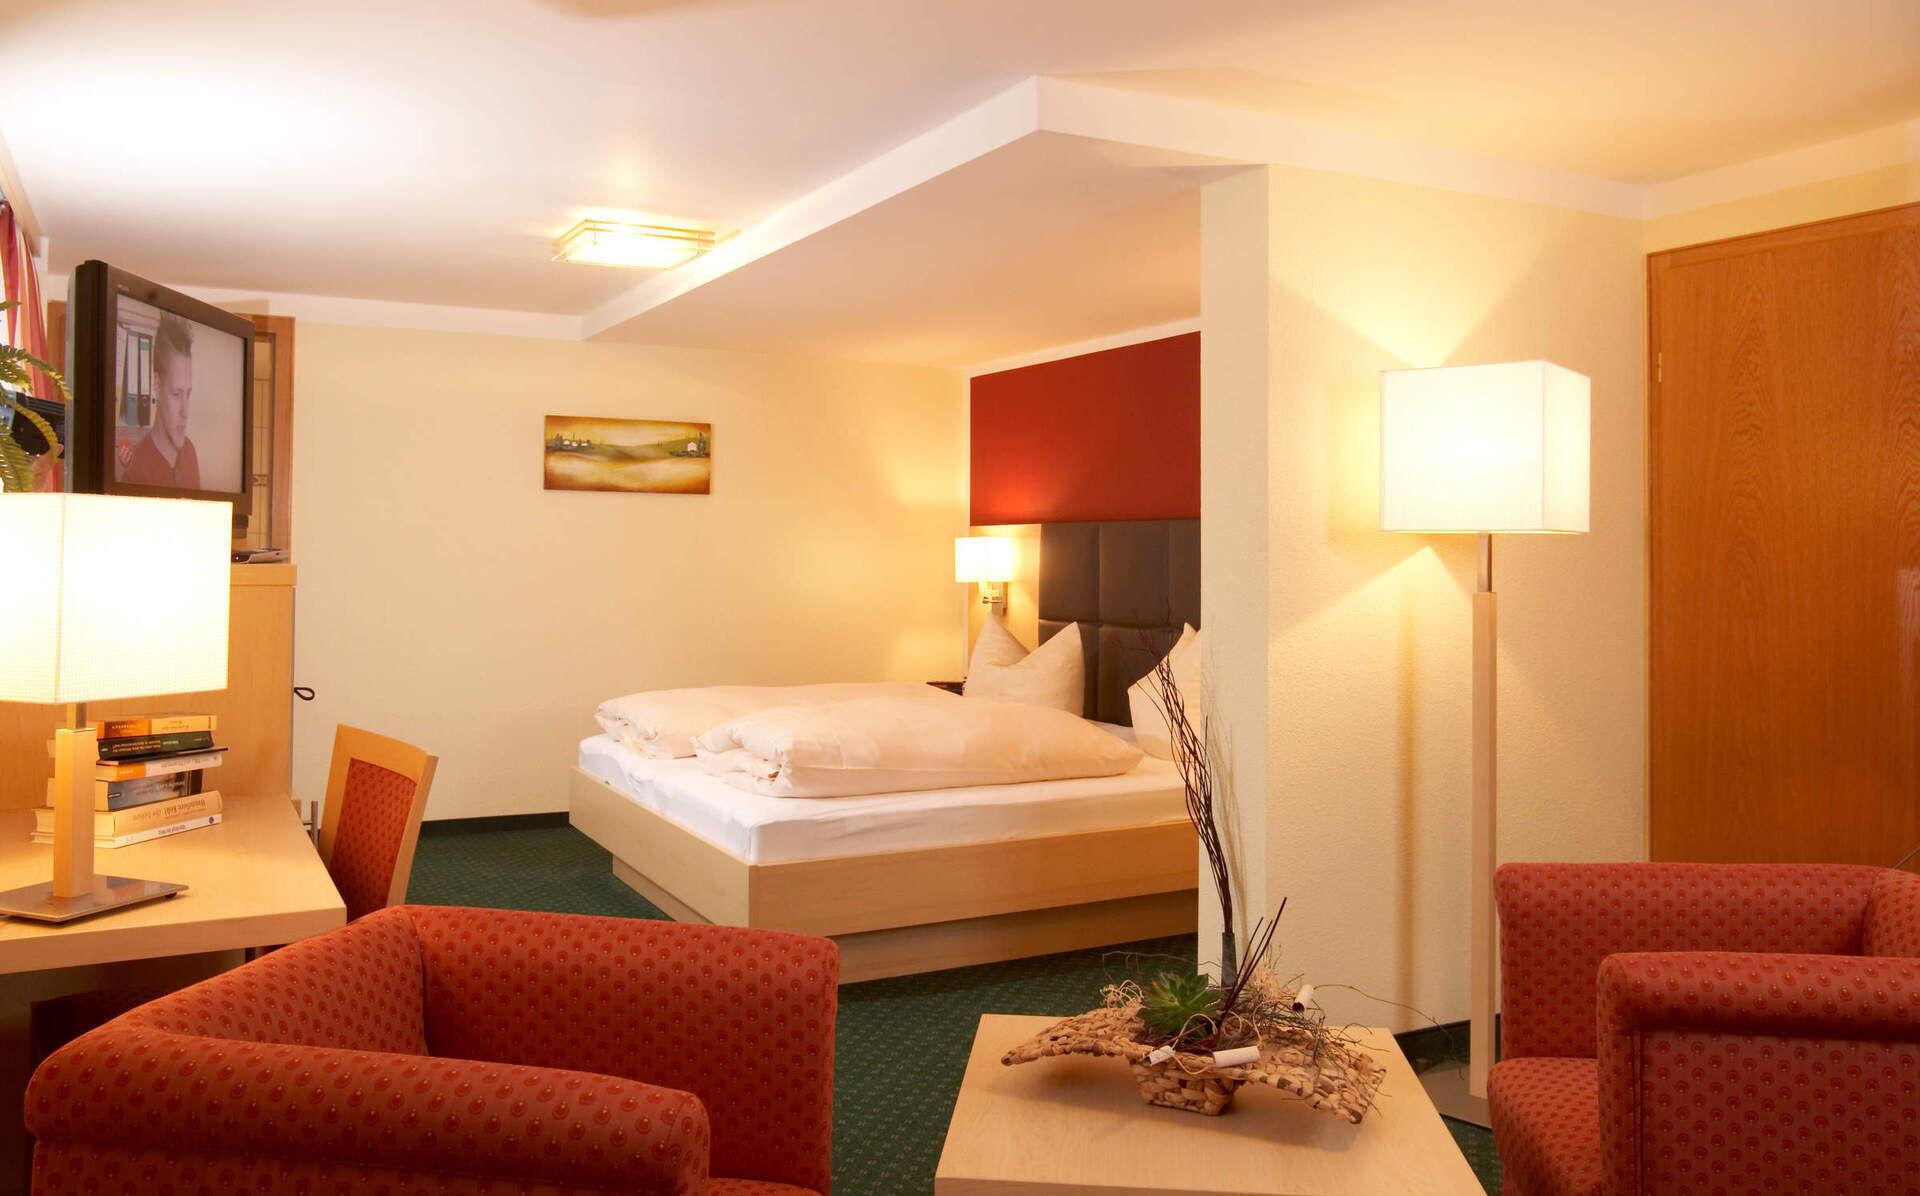 doppelzimmer tannenwald bayerischer wald wellnesshotel 4 sterne. Black Bedroom Furniture Sets. Home Design Ideas